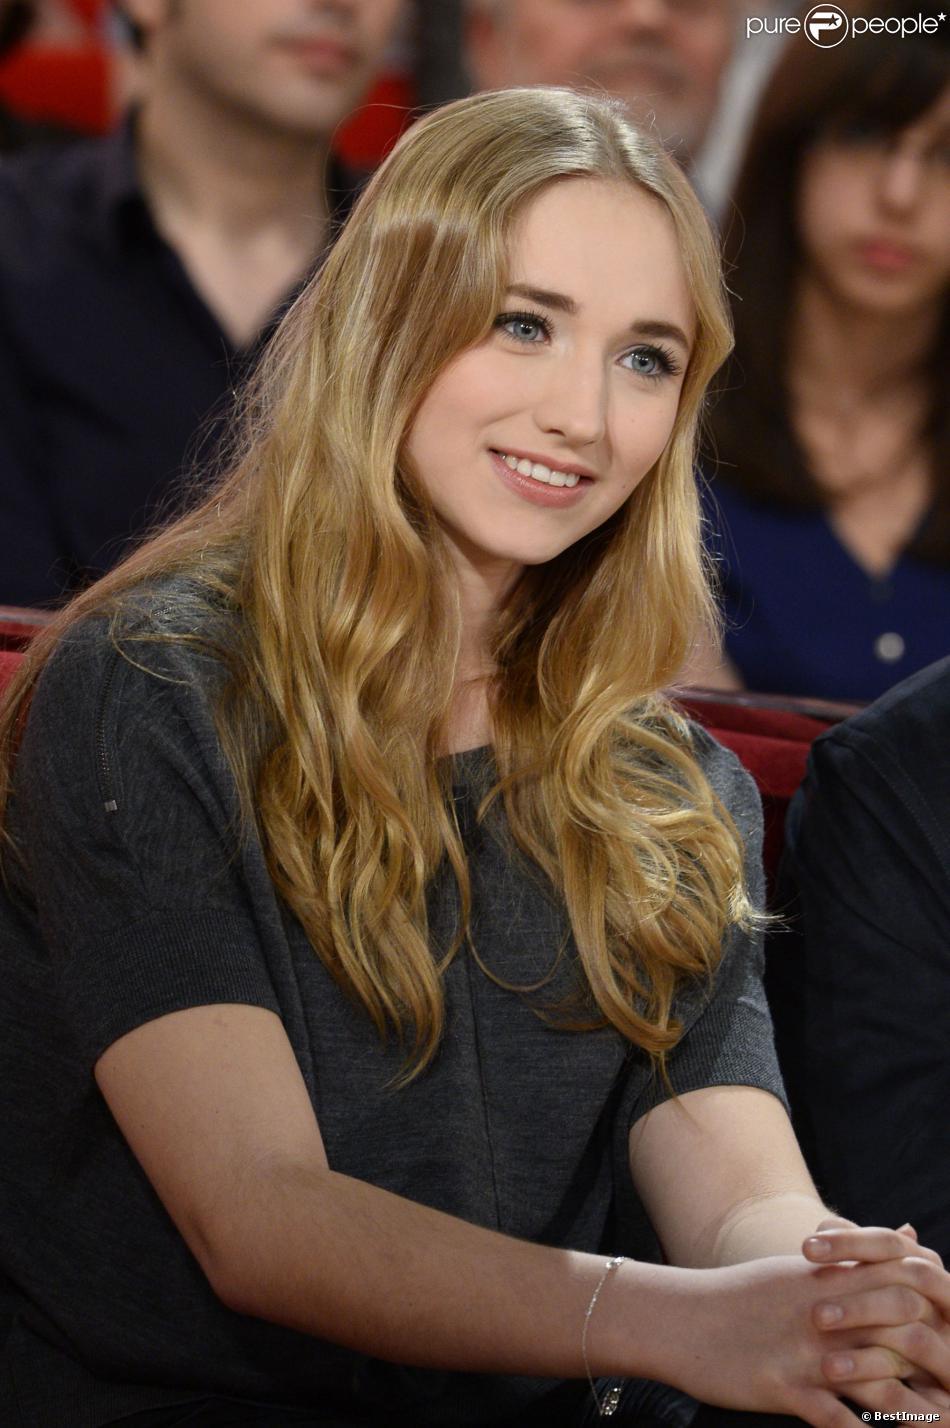 Chloé Jouannet, fille d' Alexandra Lamy, lors de l'émission Vivement dimanche, enregistrée le 19 mars 2014 à Paris et diffusée sur France 2 le 23 mars